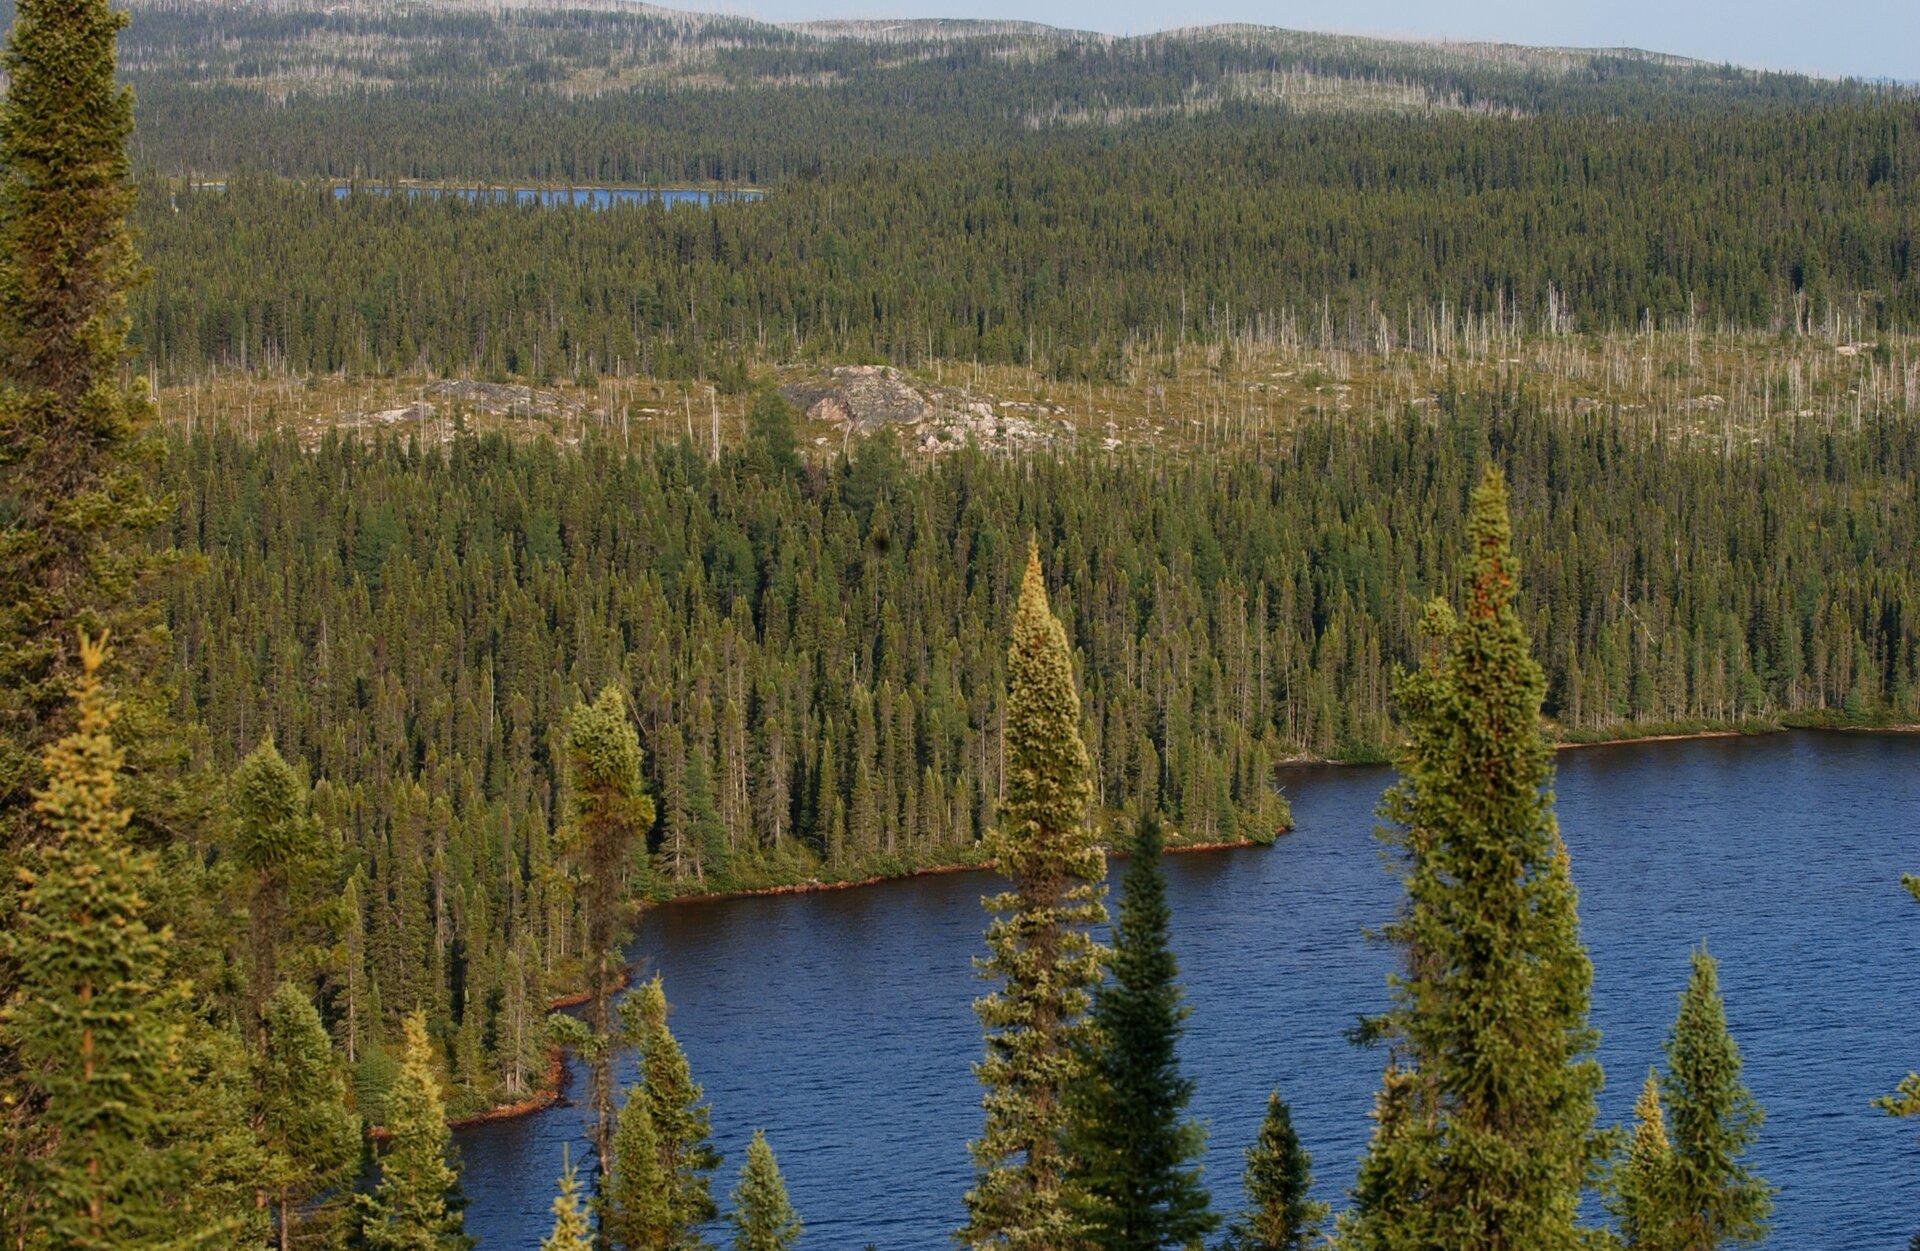 Fotografia prezentuje krajobraz tajgi latem. Na fotografii wykonanej zwysokości widoczne wierzchołki świerków na tle jeziora oraz gęsty las świerkowy rozciągający się po horyzont.